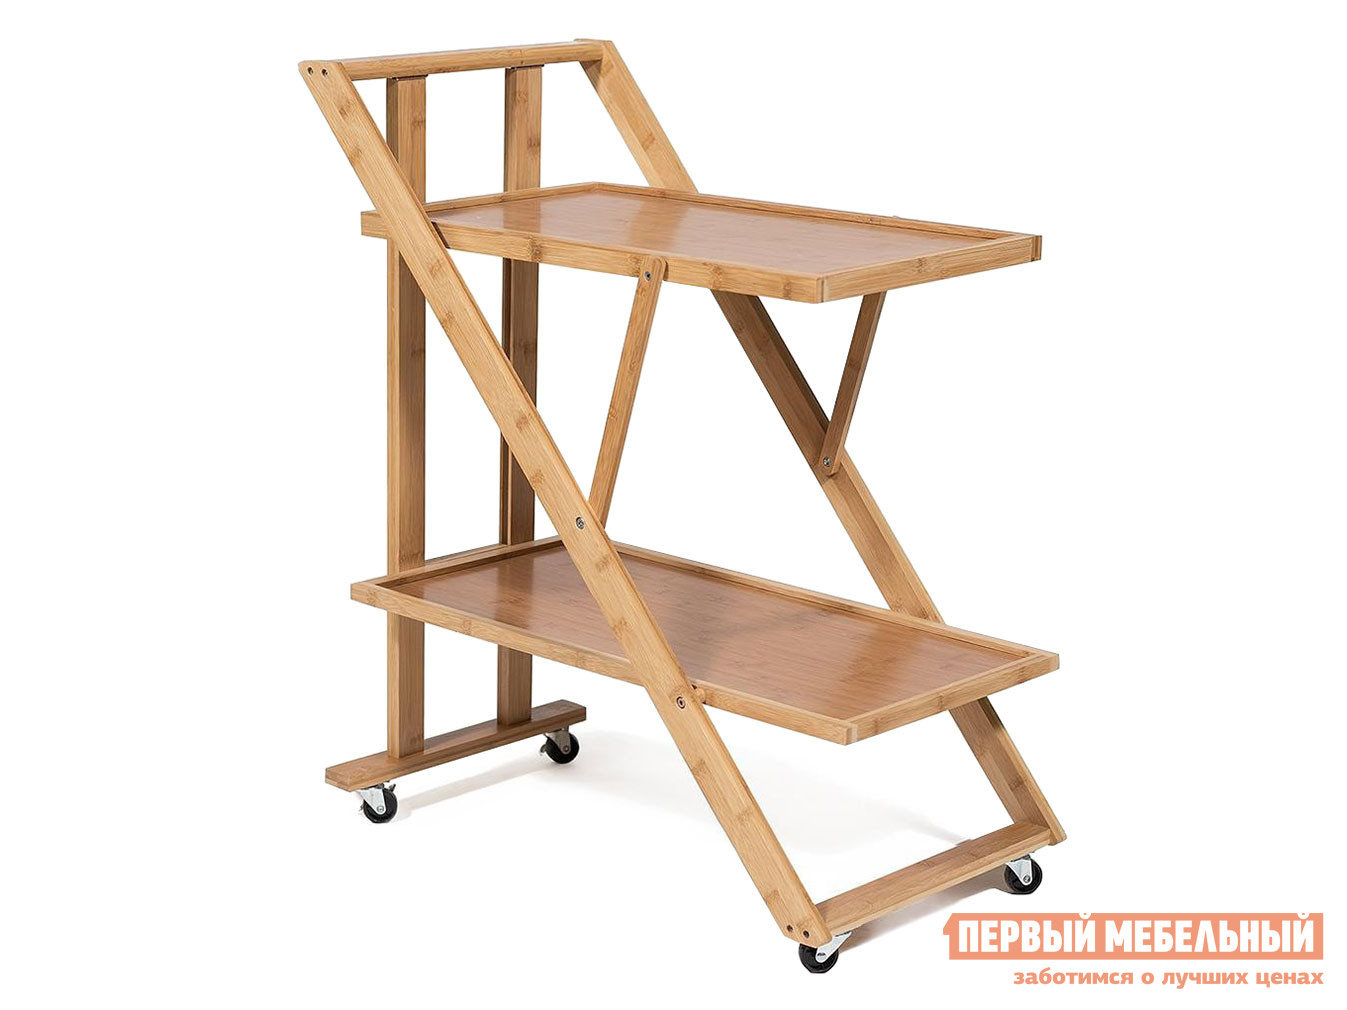 Сервировочный столик Tetchair Столик сервировочный (mod. JWFU-3342)